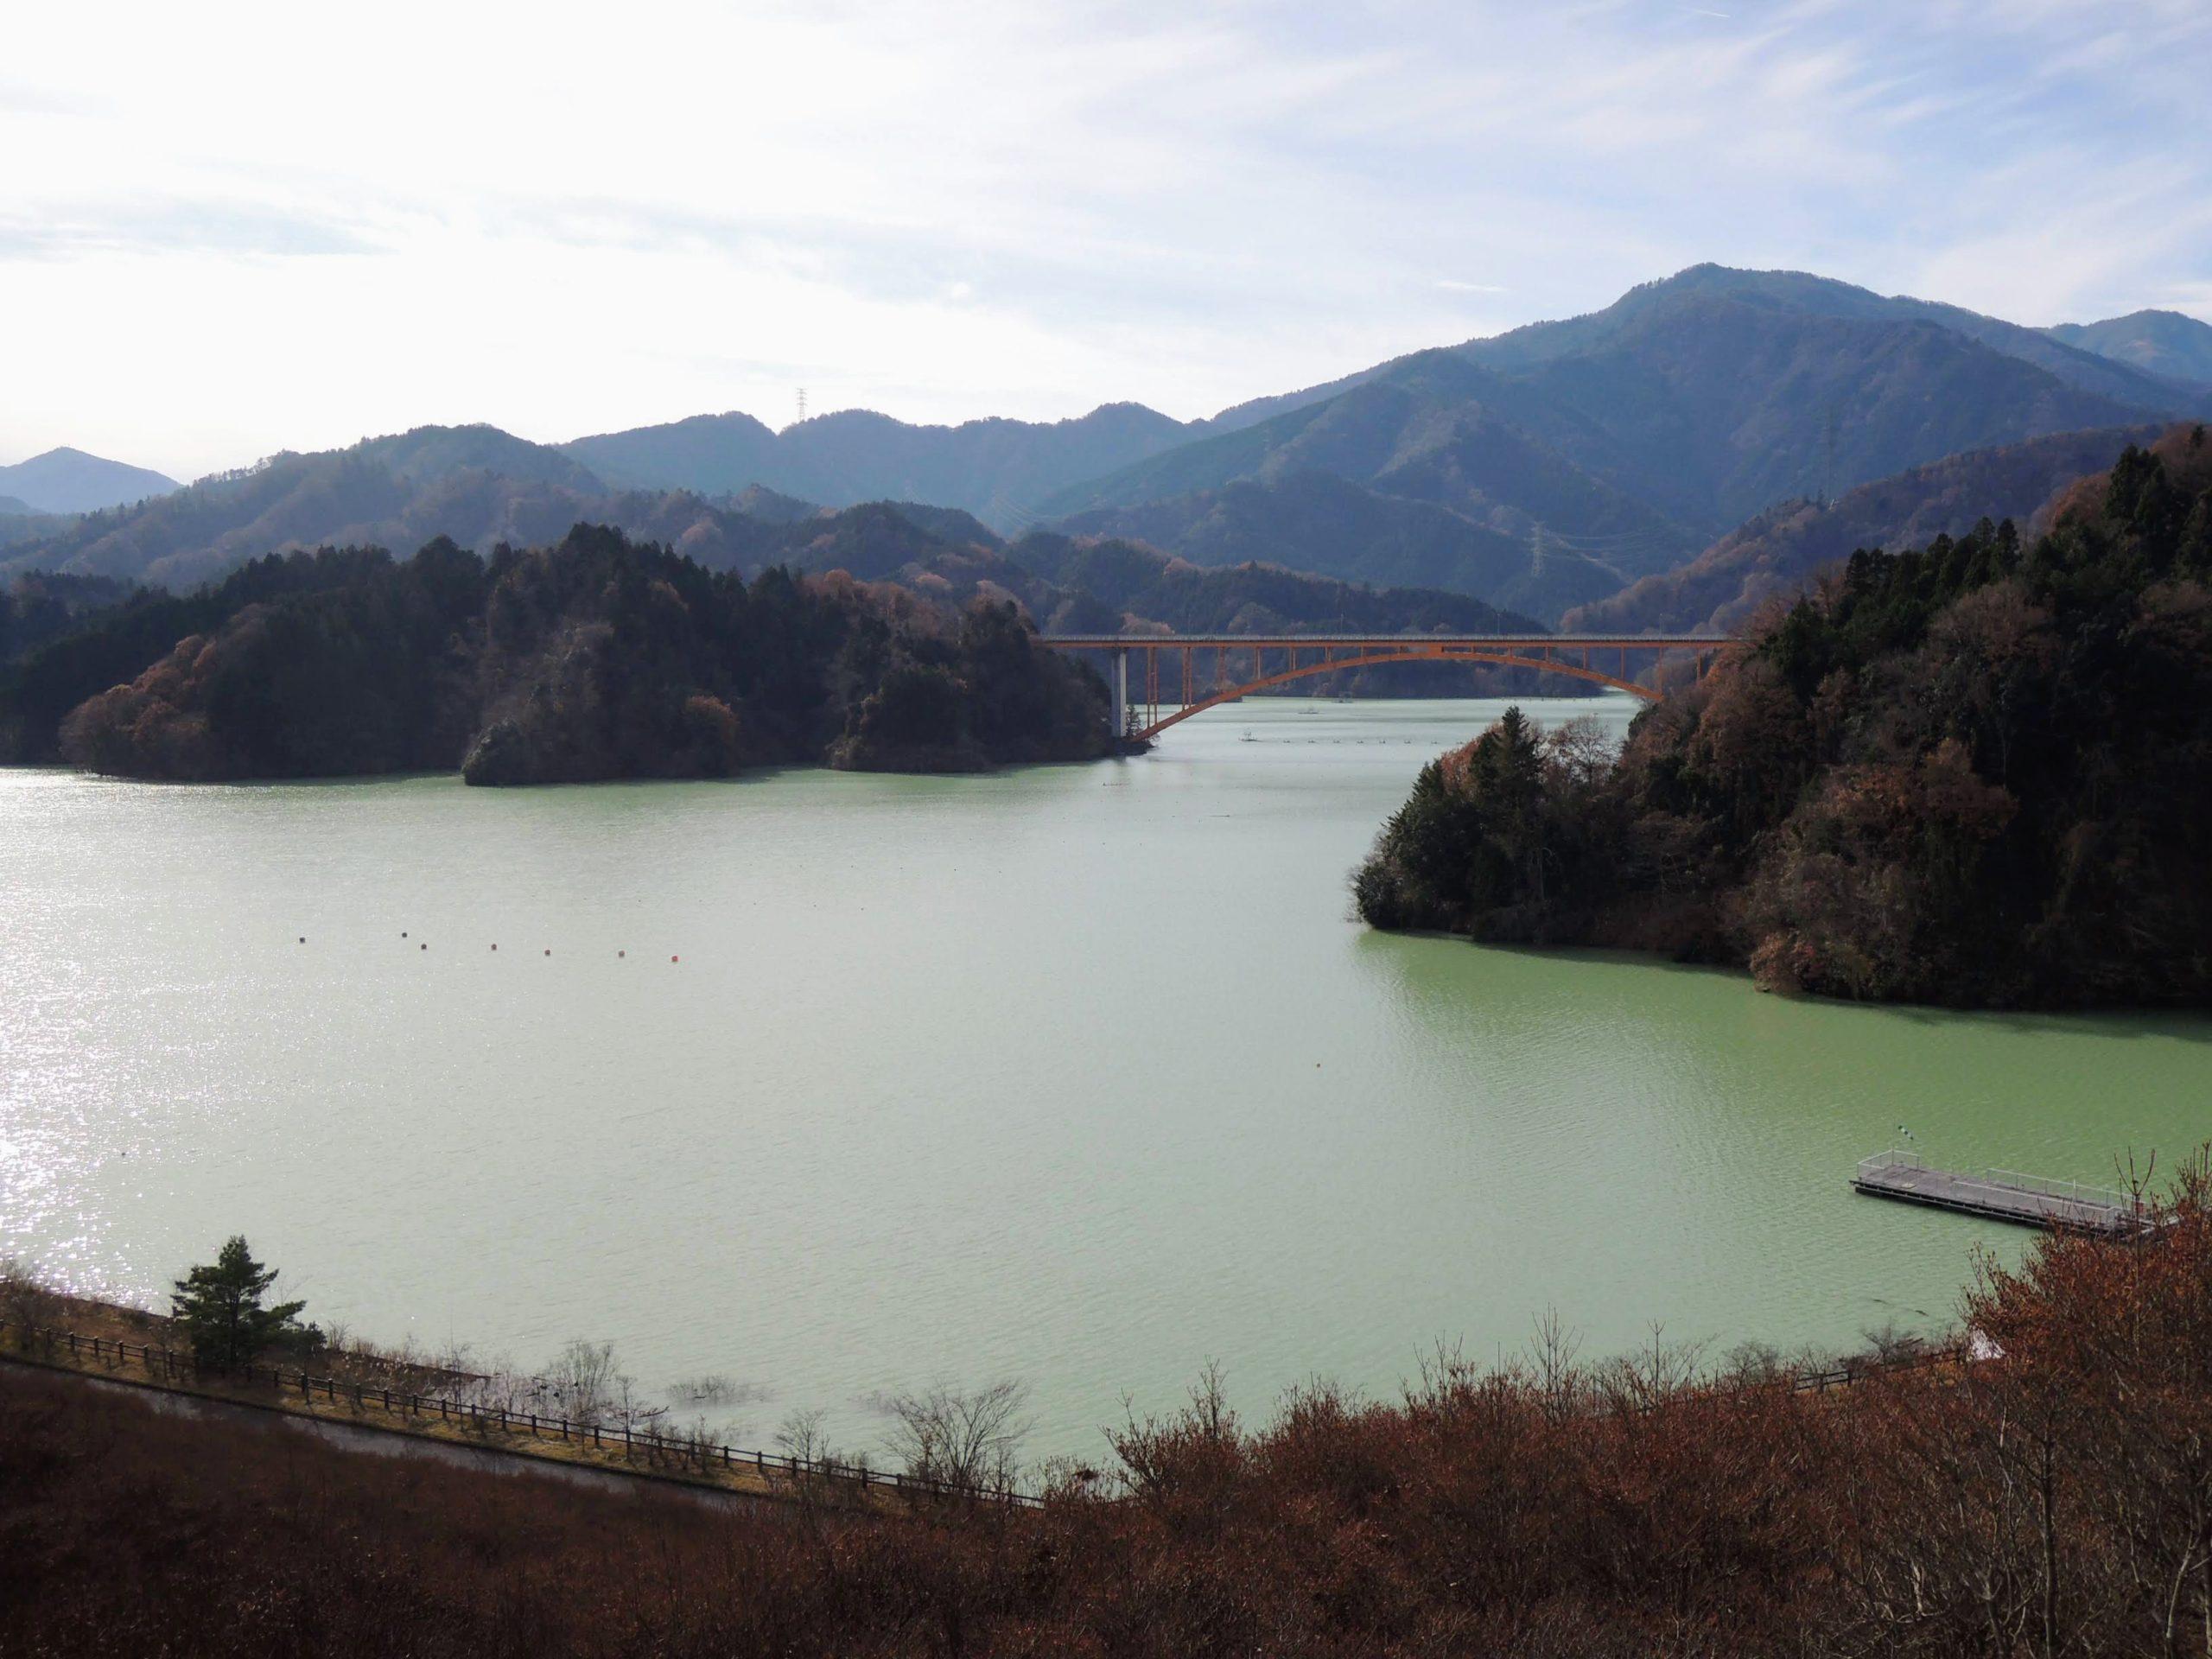 鳥居原ふれあいの館から宮ヶ瀬湖を眺める